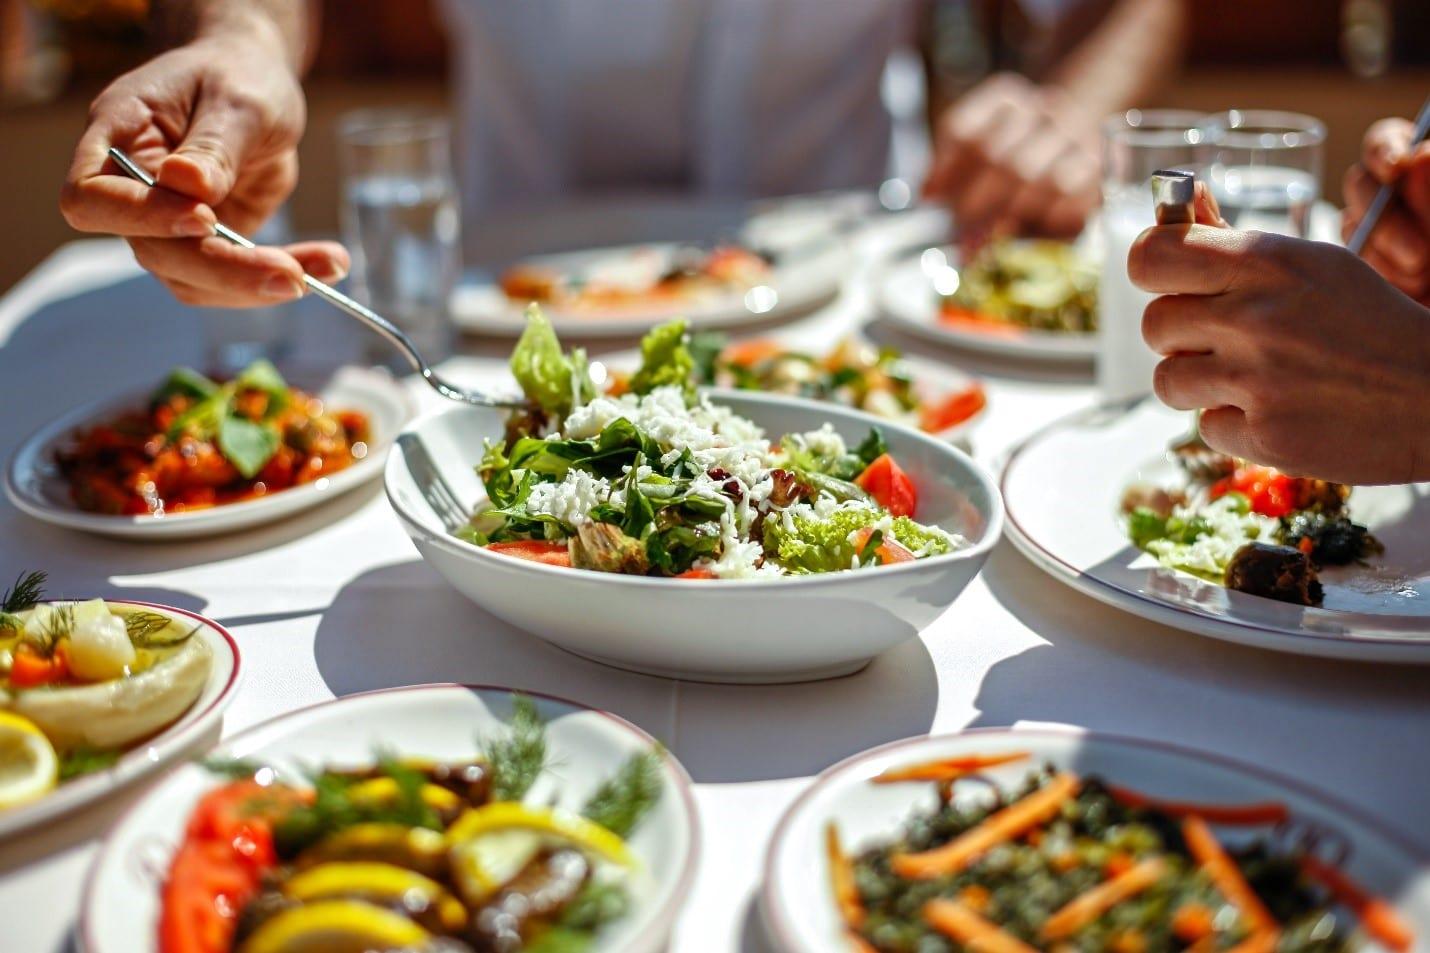 Try vegetarian diets